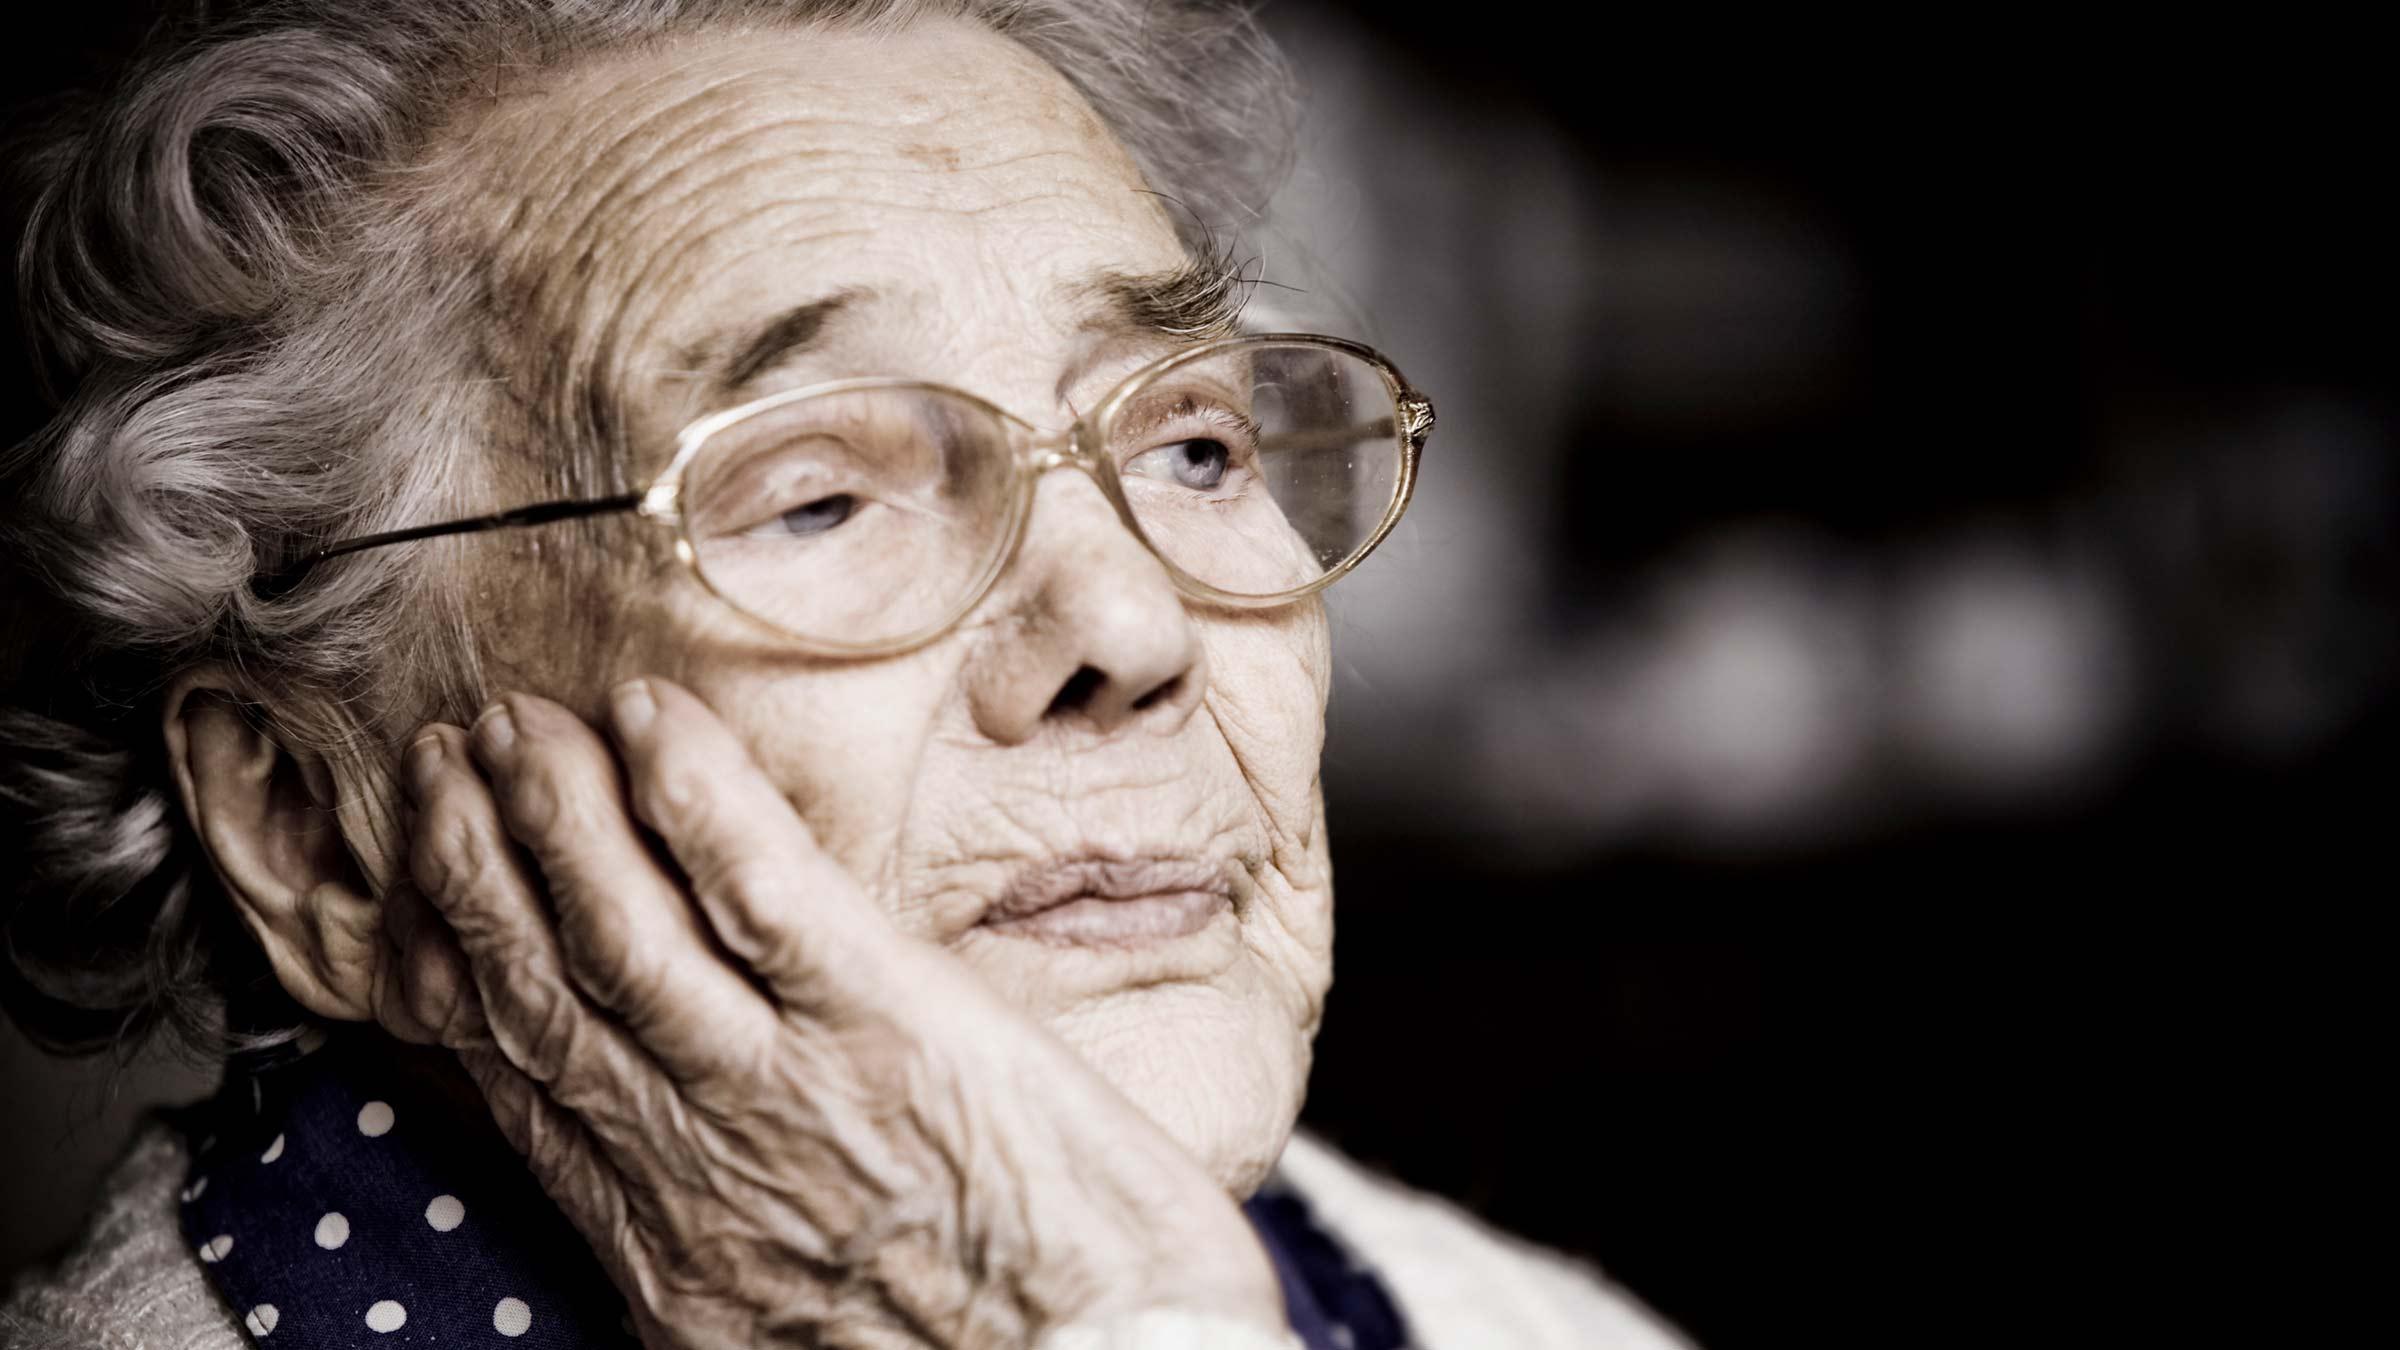 Viso di signora - Gli anziani quando si lasciano andare